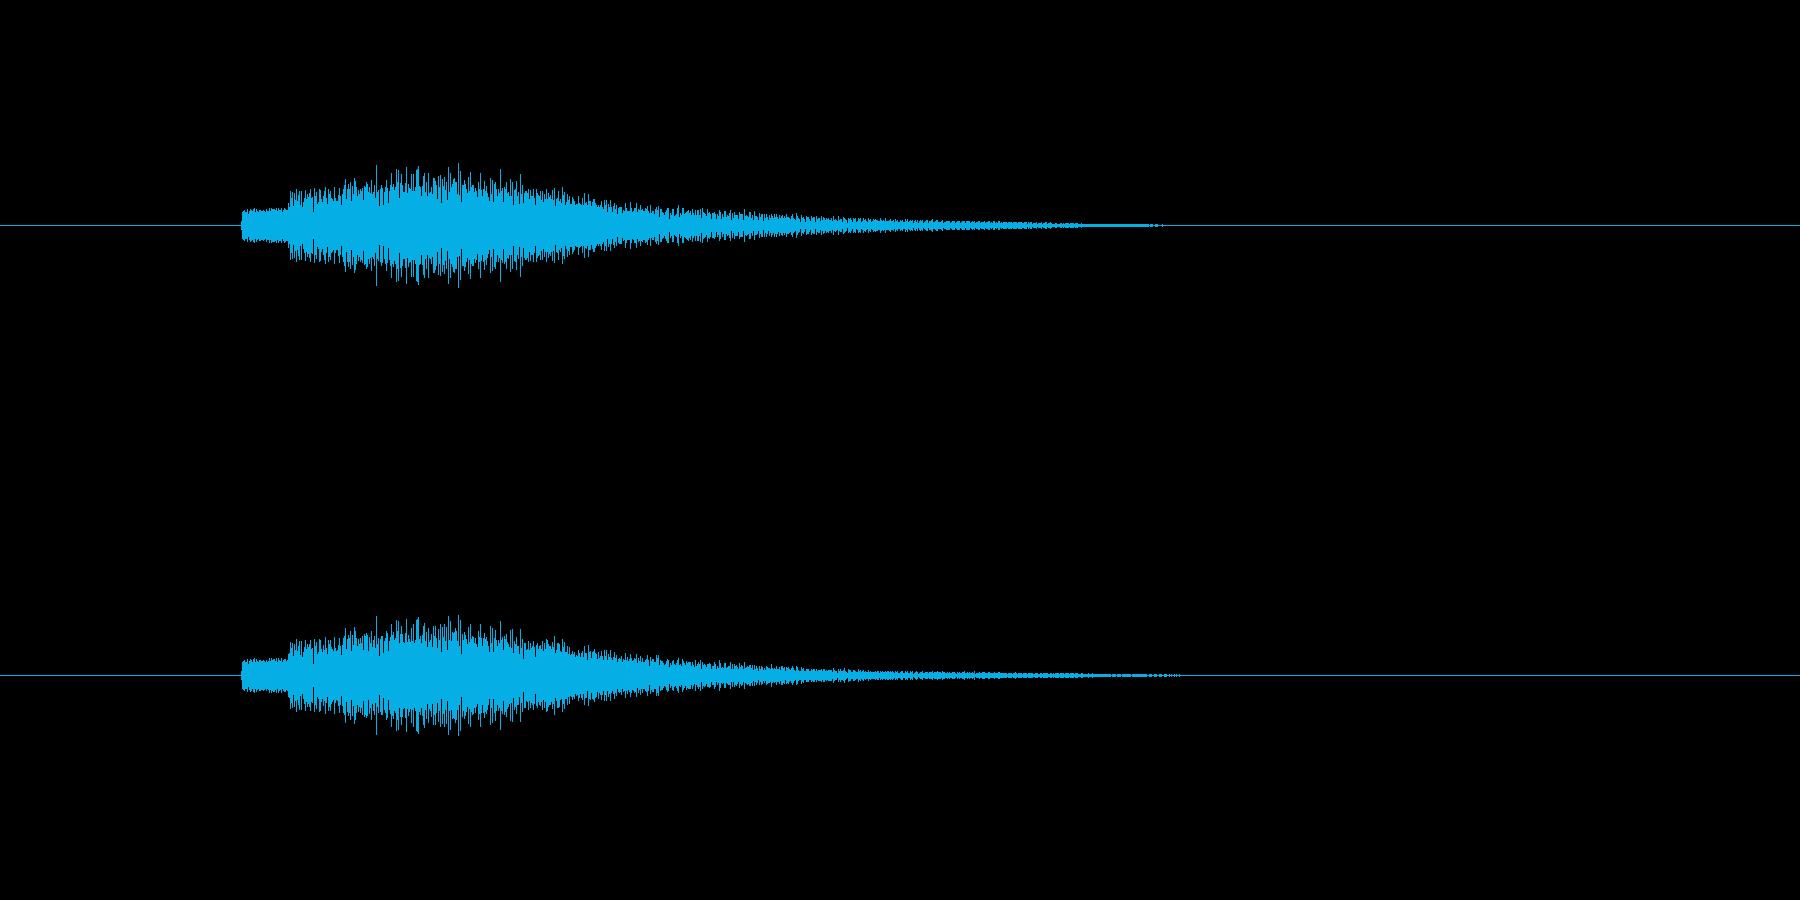 【ショートブリッジ20-5】の再生済みの波形